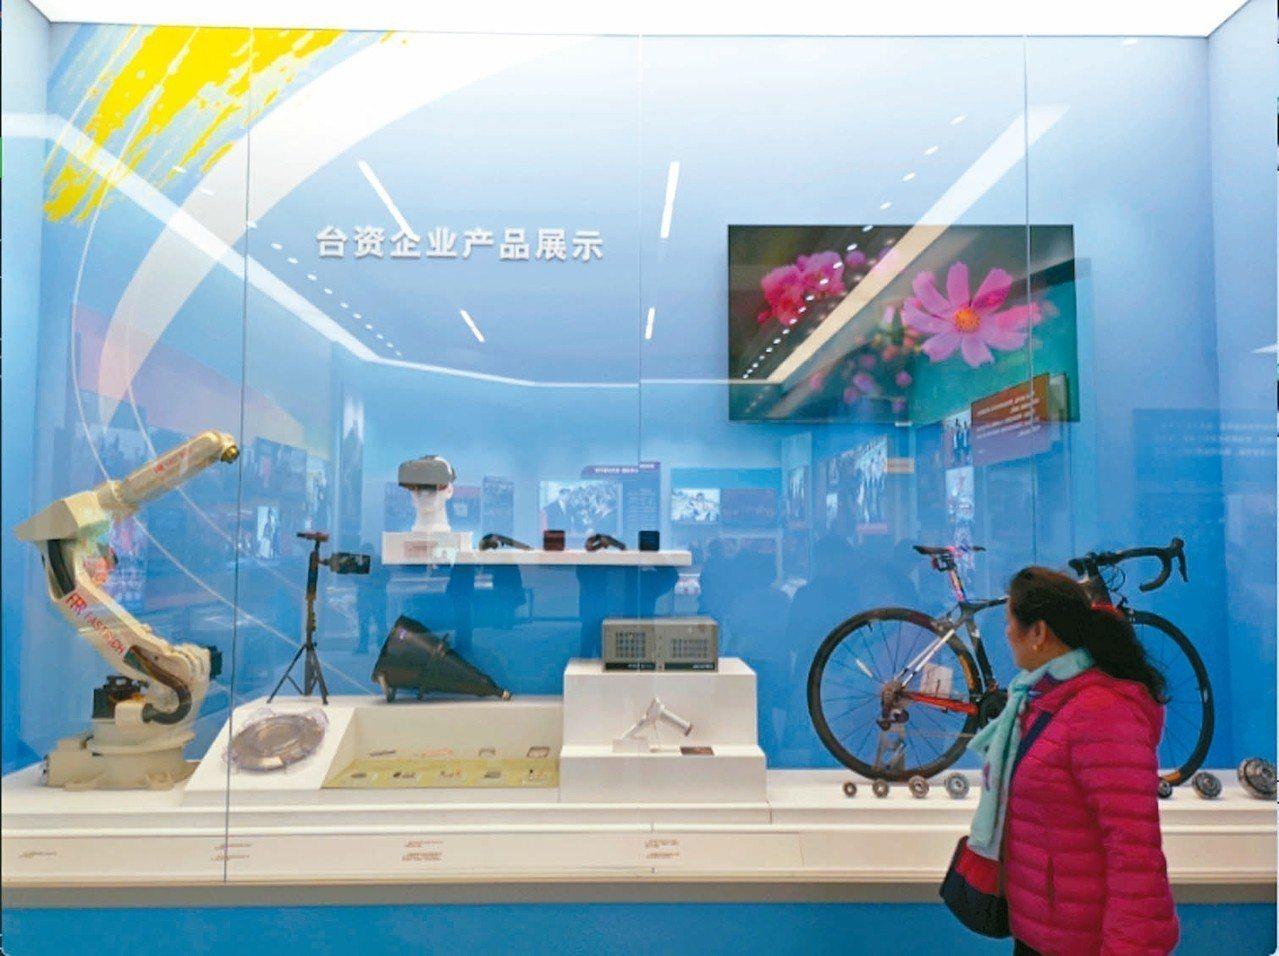 捷安特等多家台資企業產品,在大陸改革開放四十周年大型展覽中,被視為大陸改革開放的...